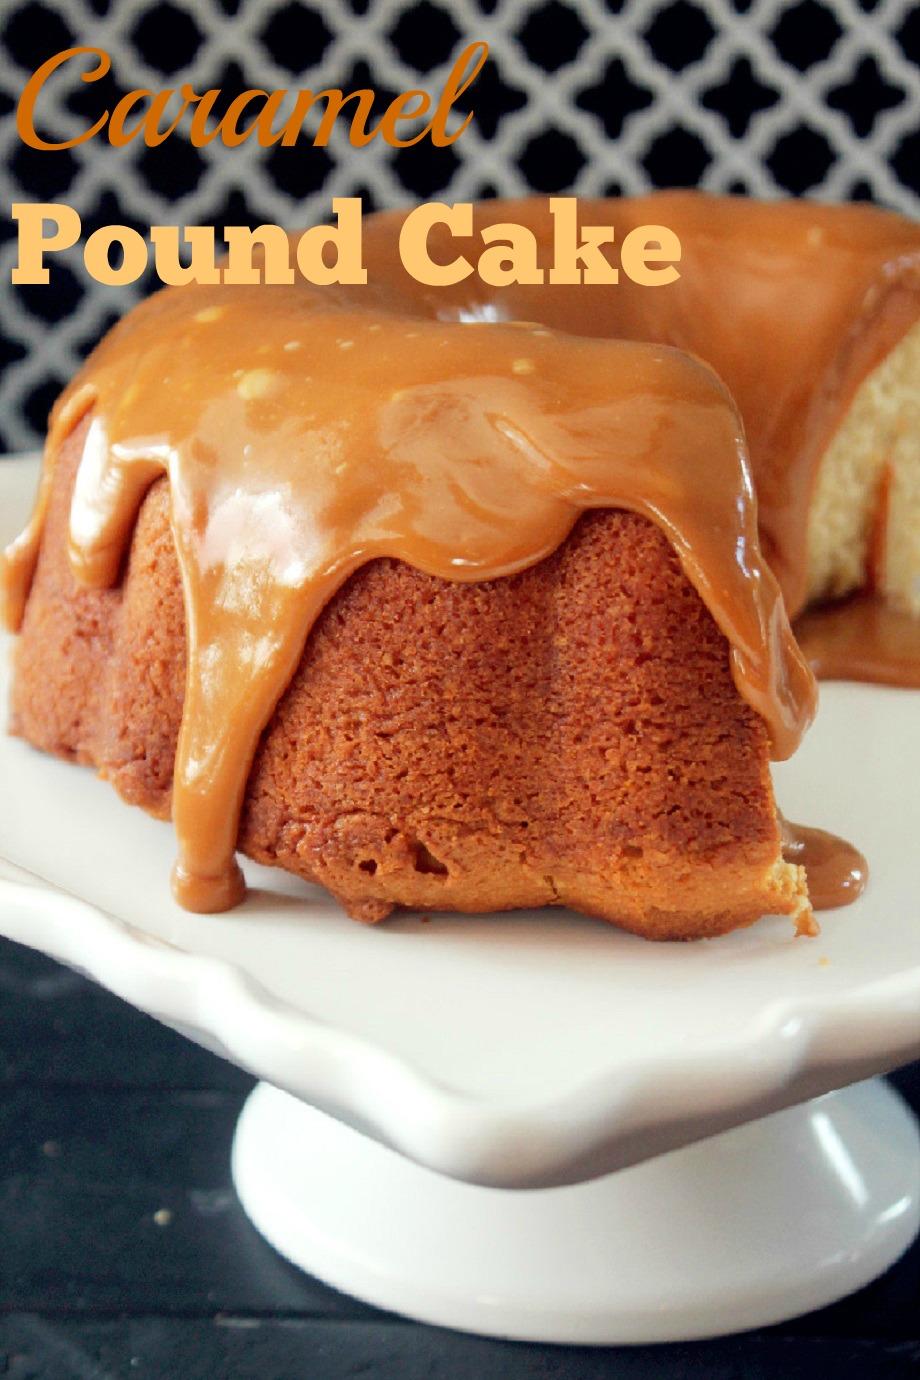 Caramel Pound Cake - Creole Contessa